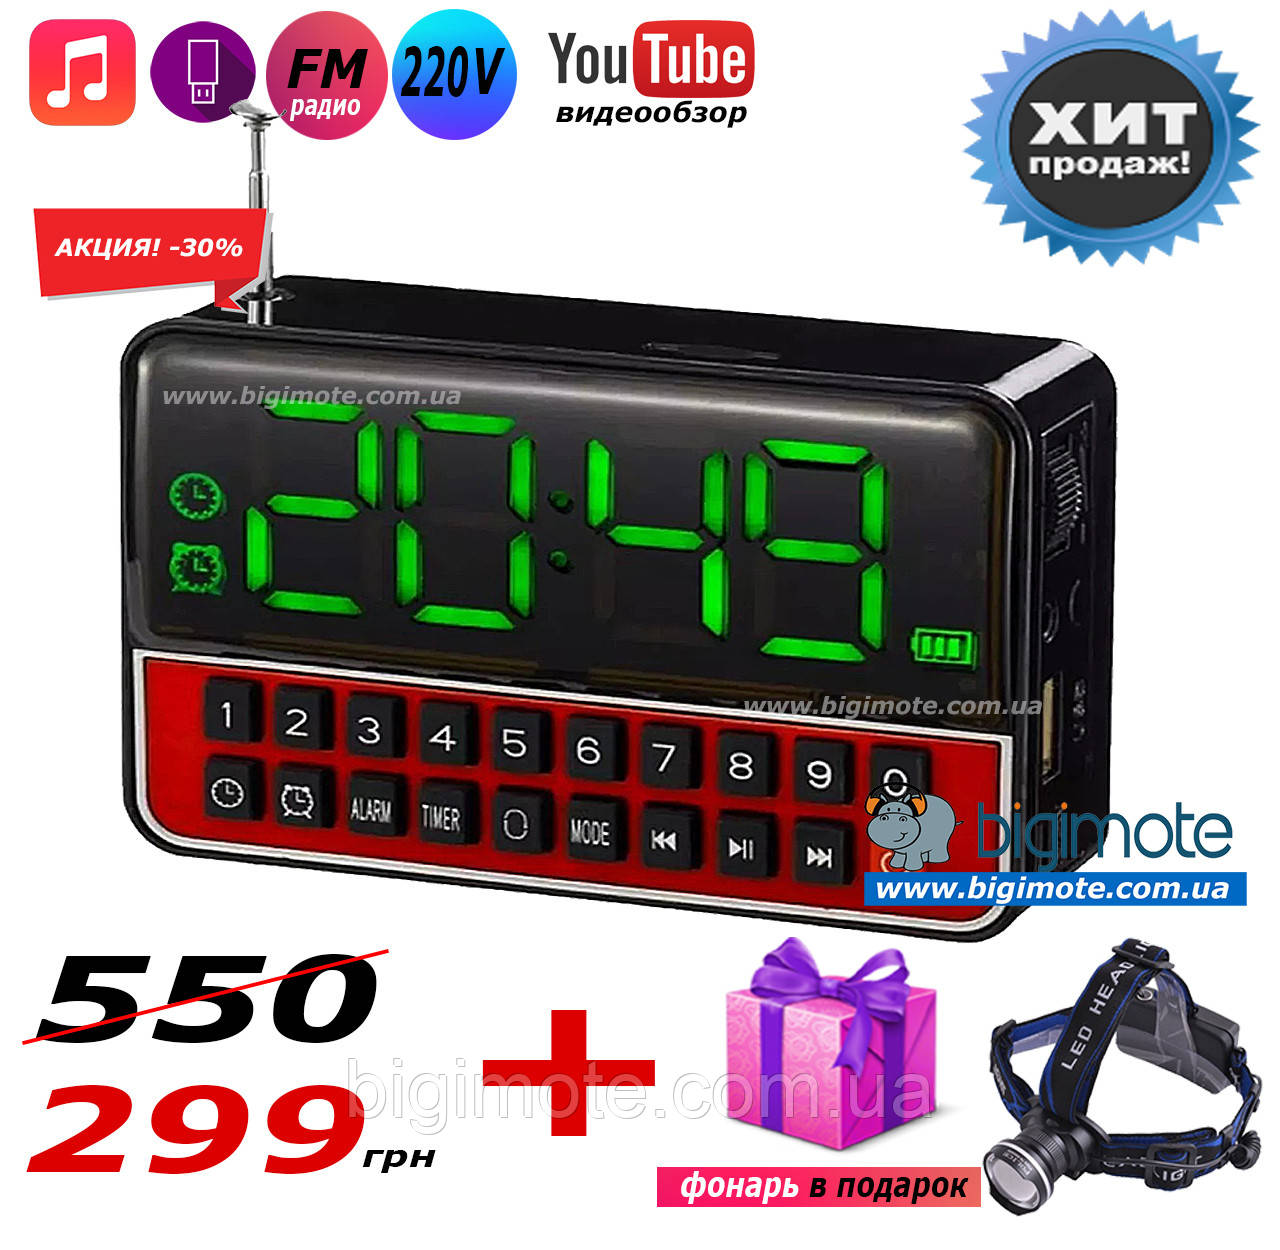 Качественный FM радио, Купить радиоприемник, радиоприемник купить, купить радио,